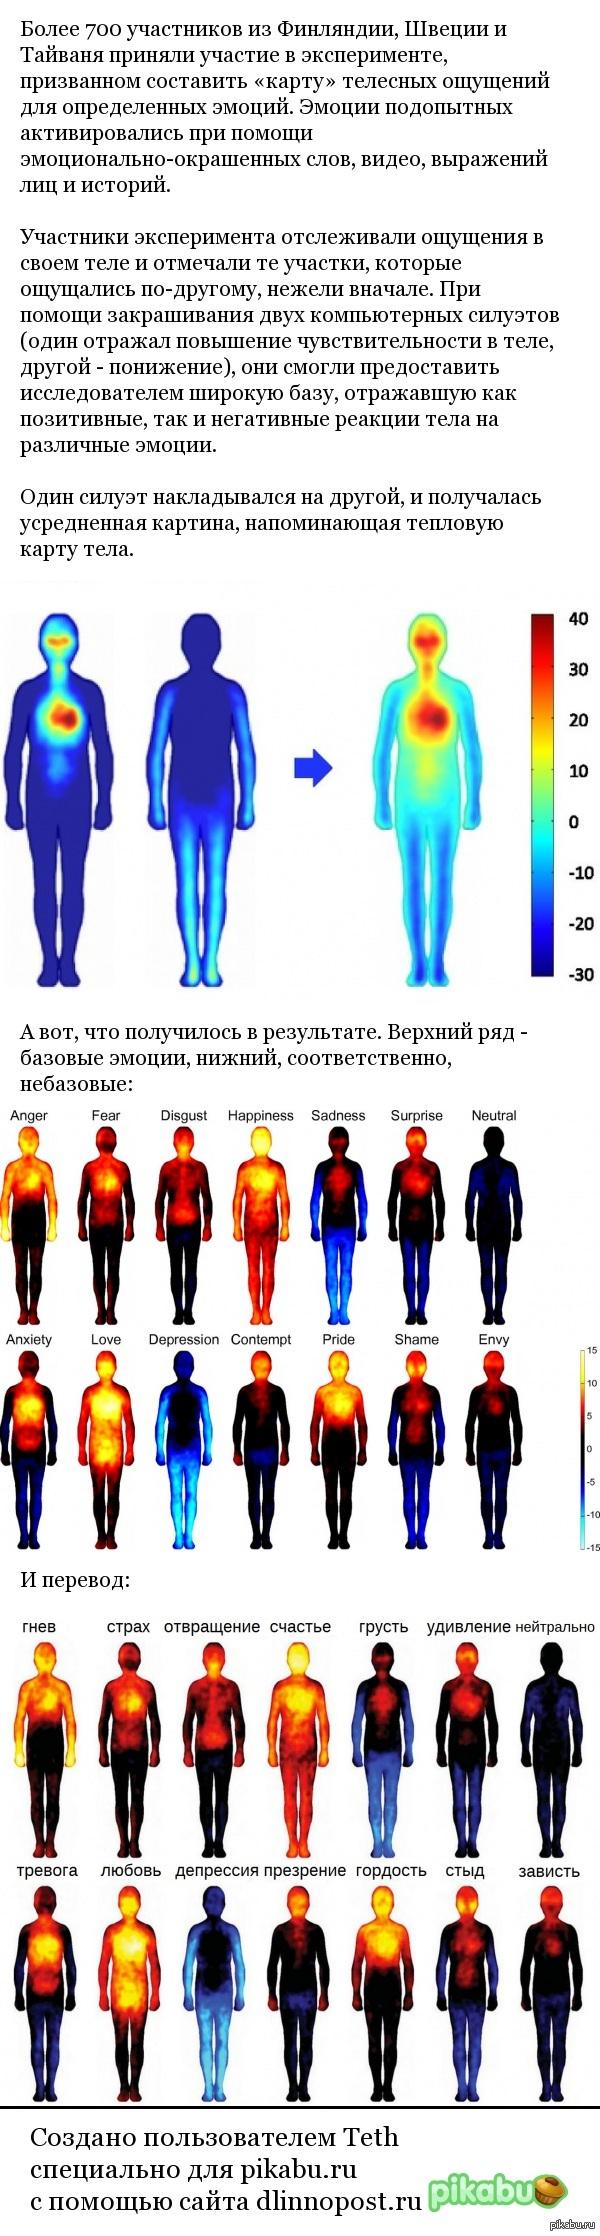 Телесная карта эмоций